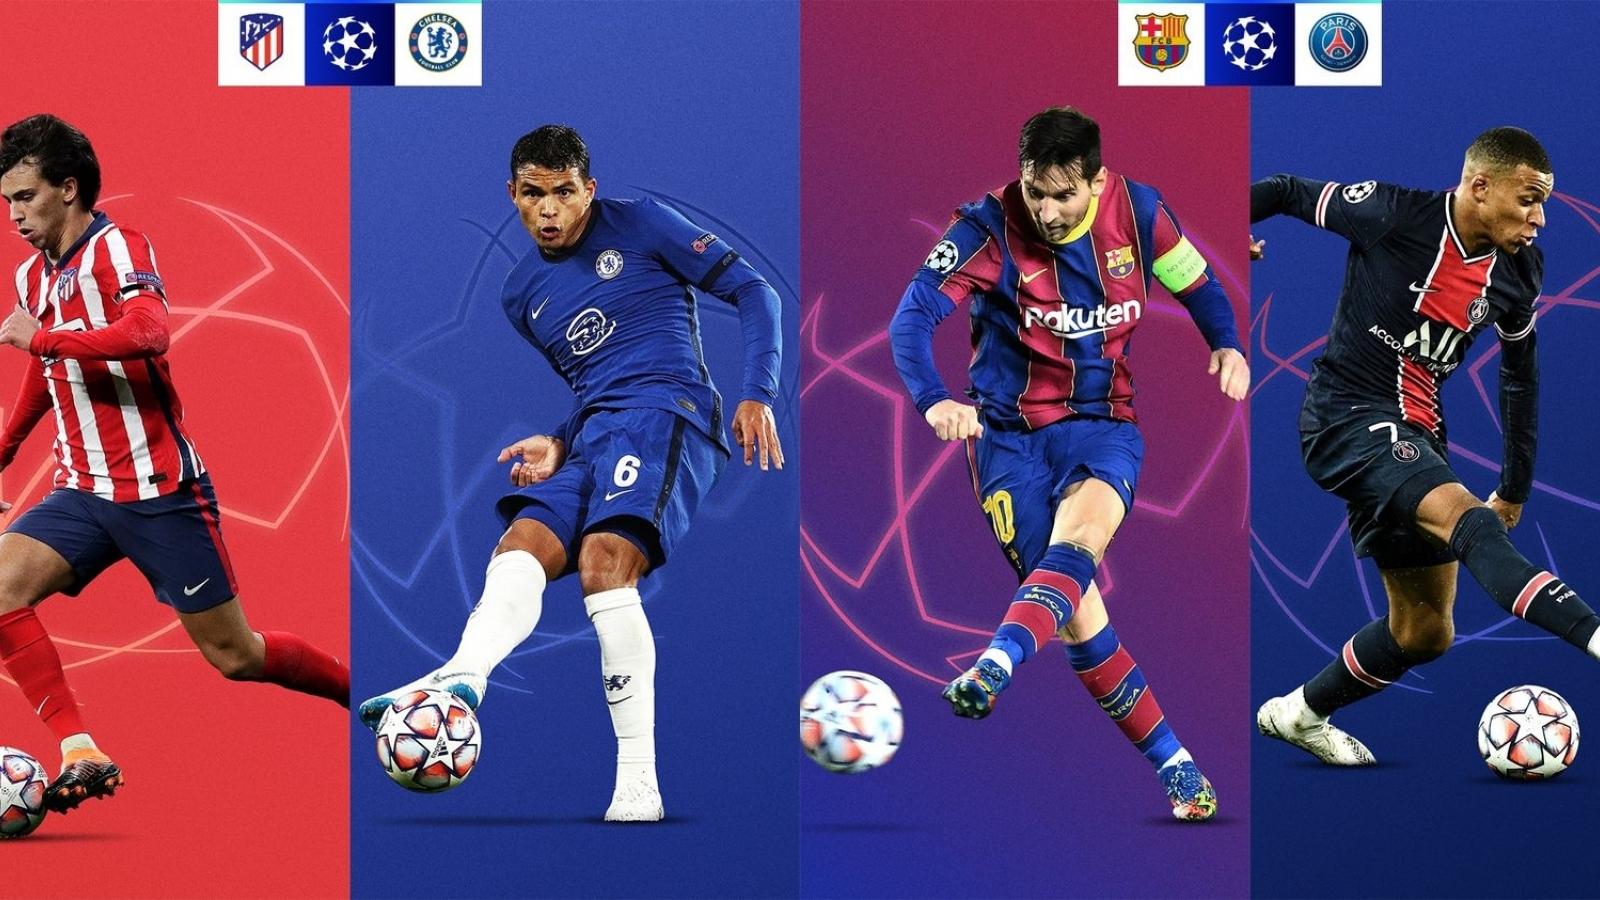 Vòng 1/8 Champions League: Barca đại chiến PSG, Chelsea đụng độ Atletico